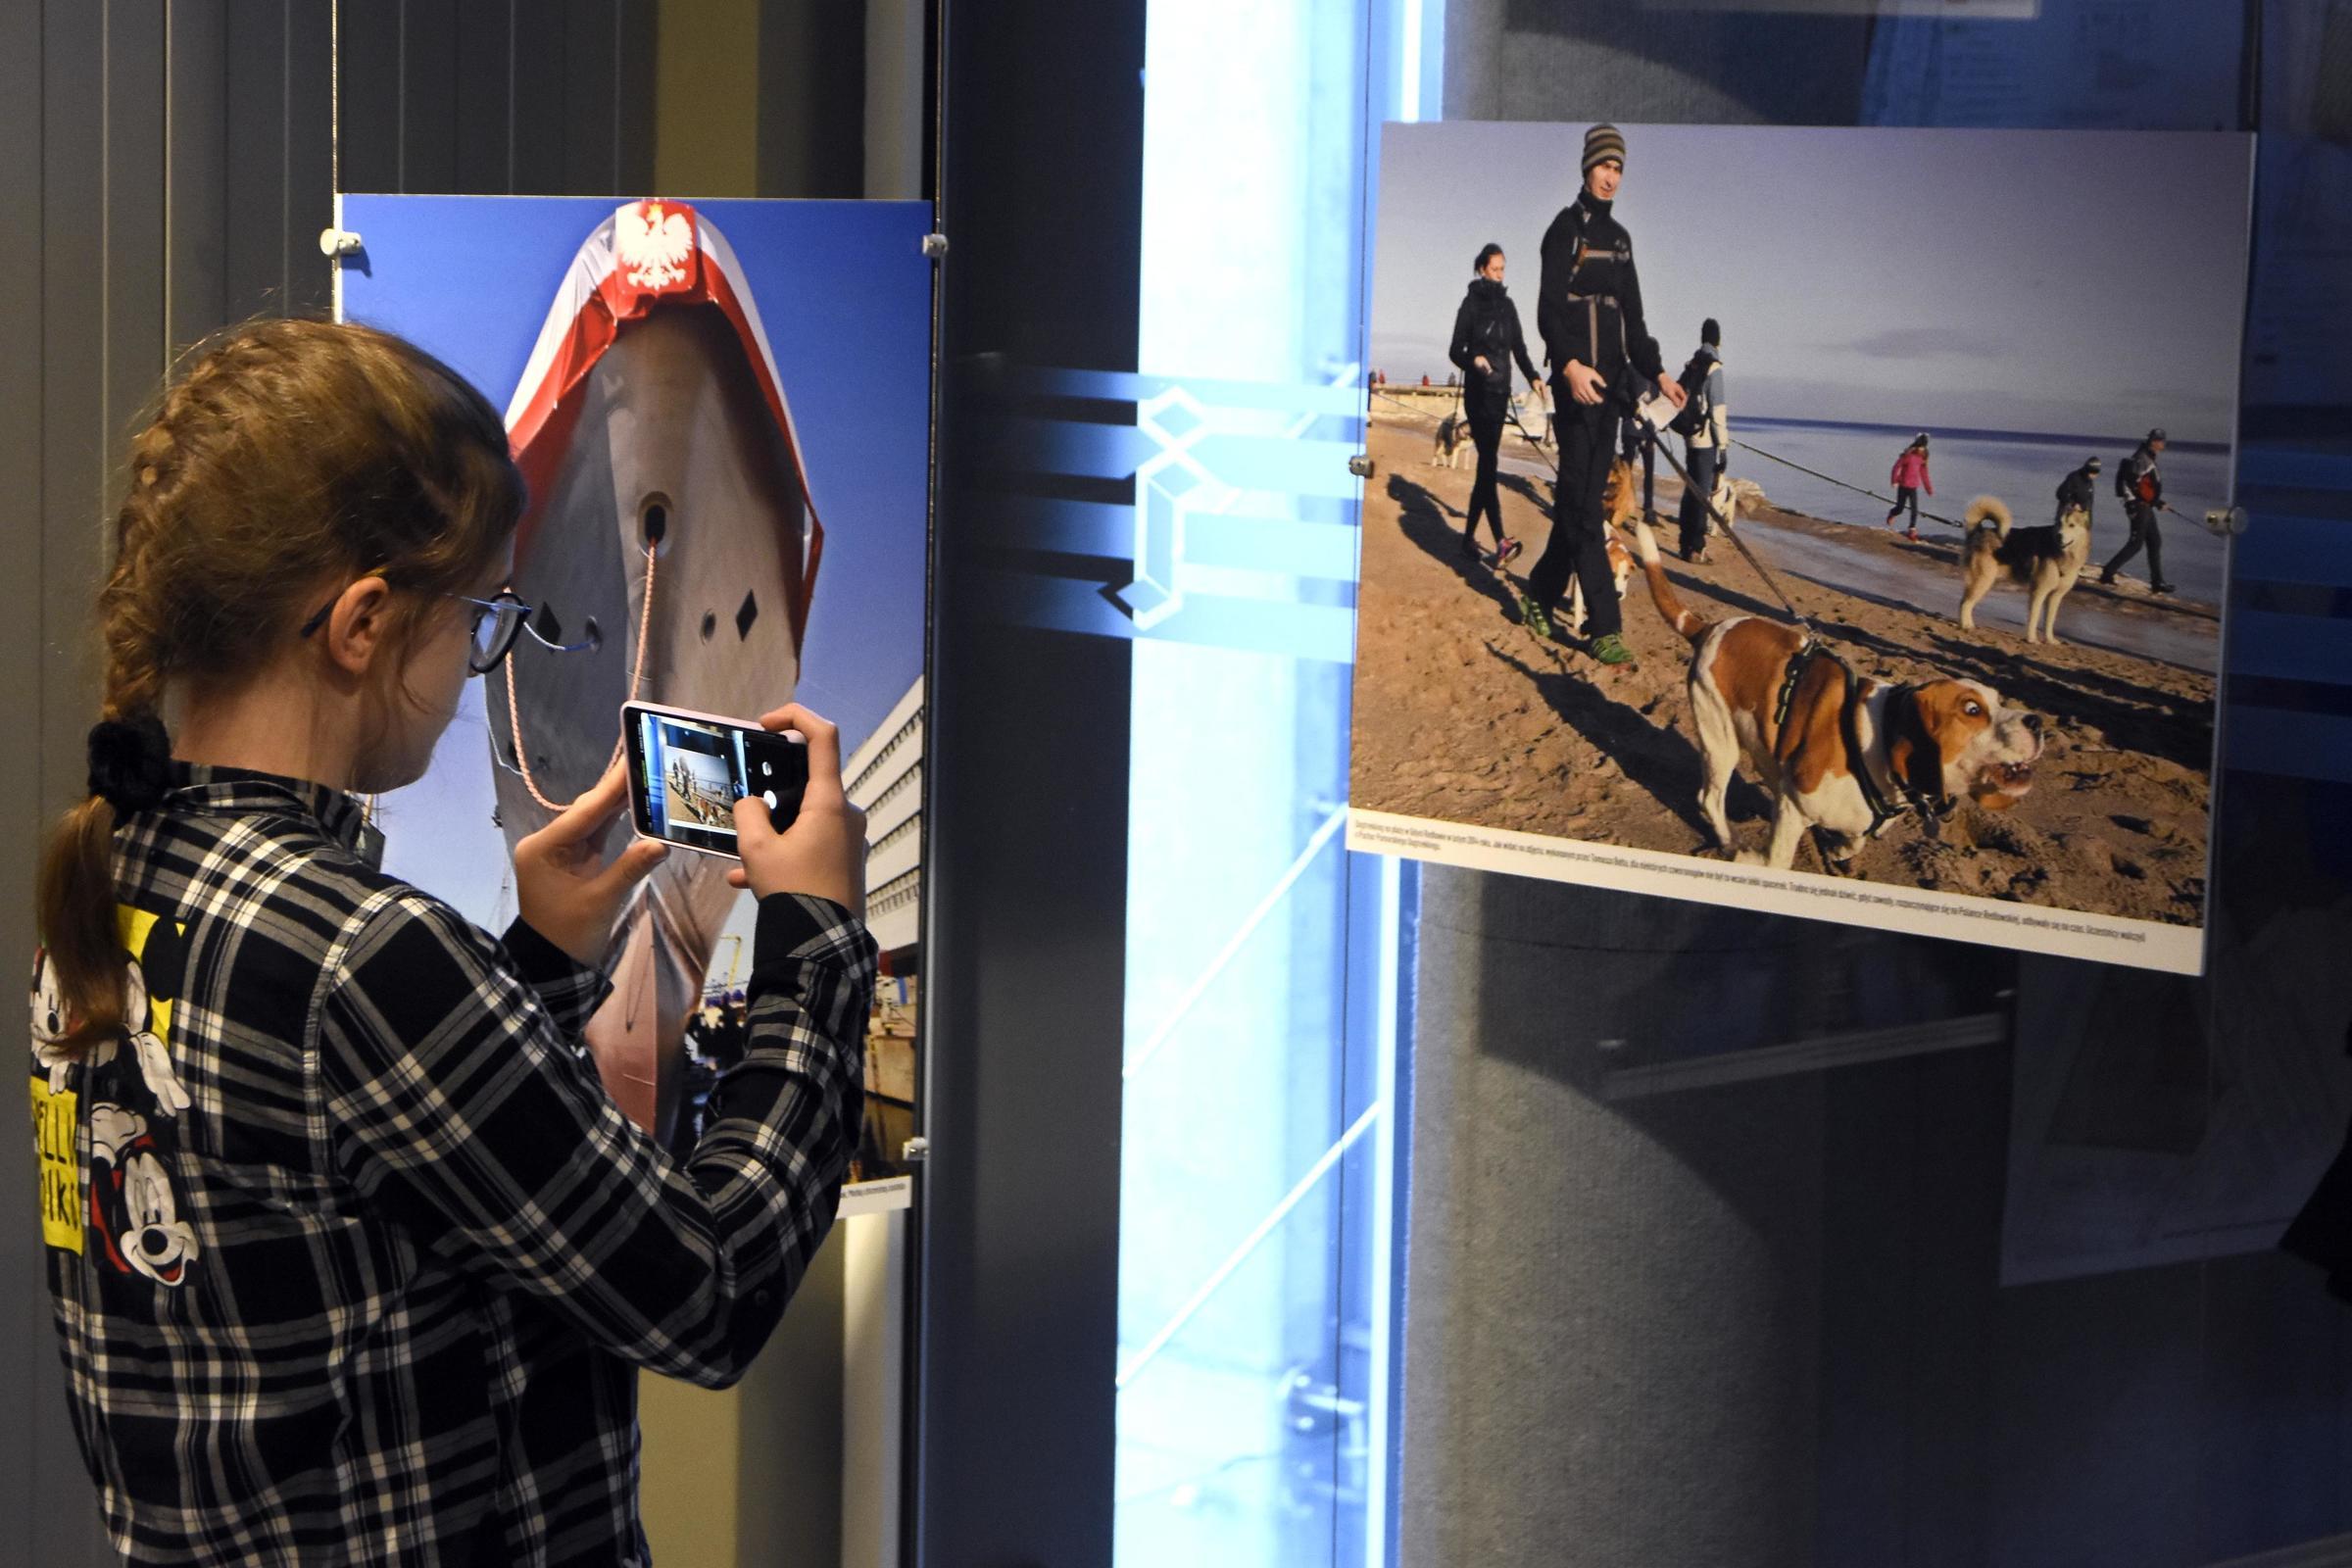 """Czasami wołał mnie, """"chodź, zobacz jaki ciekawy temat, jakie śmieszne zdjęcie udało mi się zrobić"""". Tu właśnie wisi taka fotografia z dog tracking'u, która od razu wpadła mi w oko - mówiła Magdalena Bołt, fot. Jan Ziarnicki"""